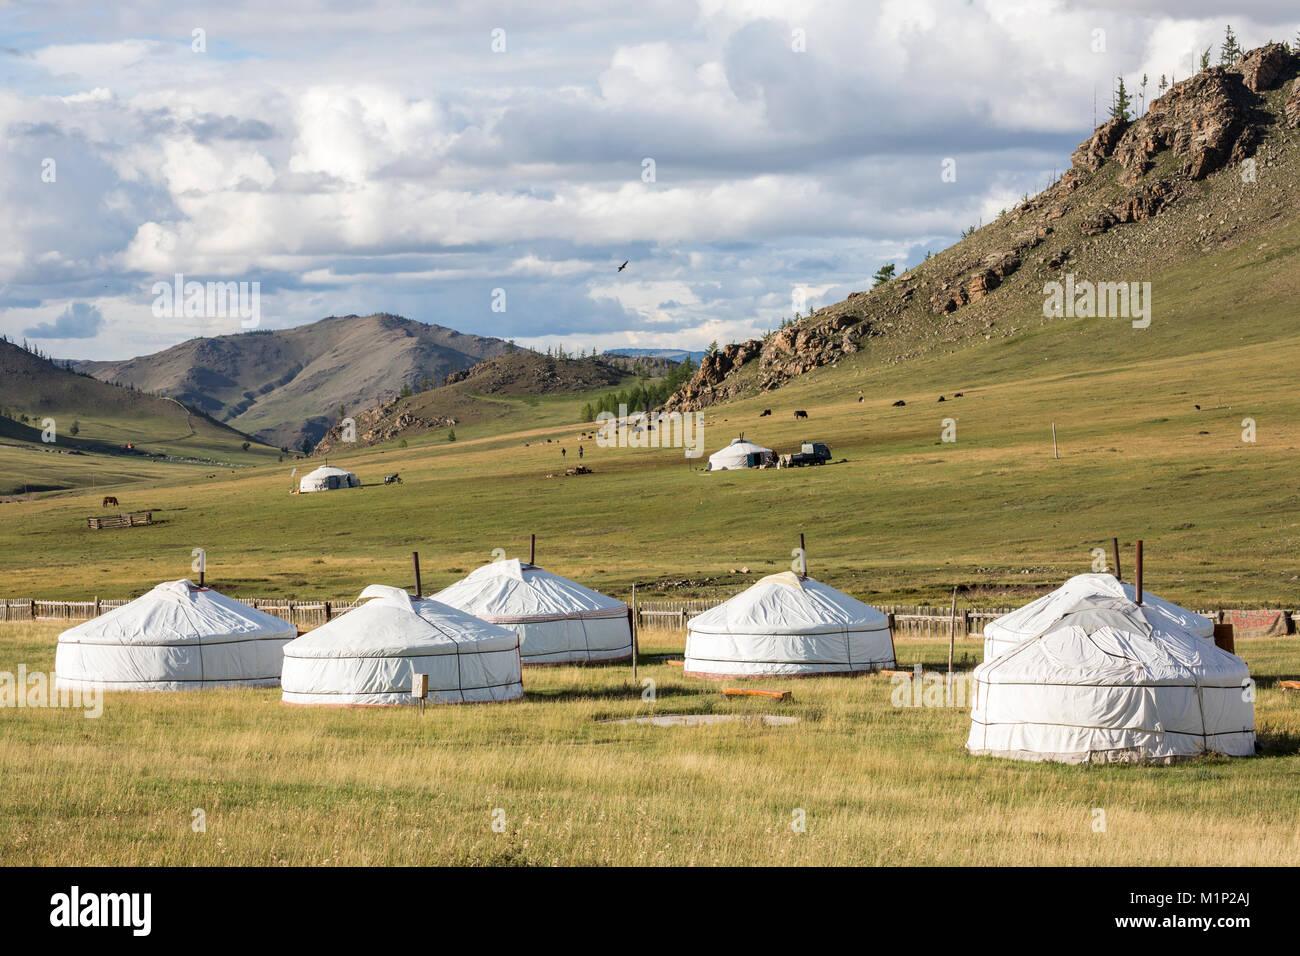 Turista ger camp y montañas Khangai, distrito, provincia Hovsgol Burentogtokh, Mongolia, Asia Central, África Imagen De Stock